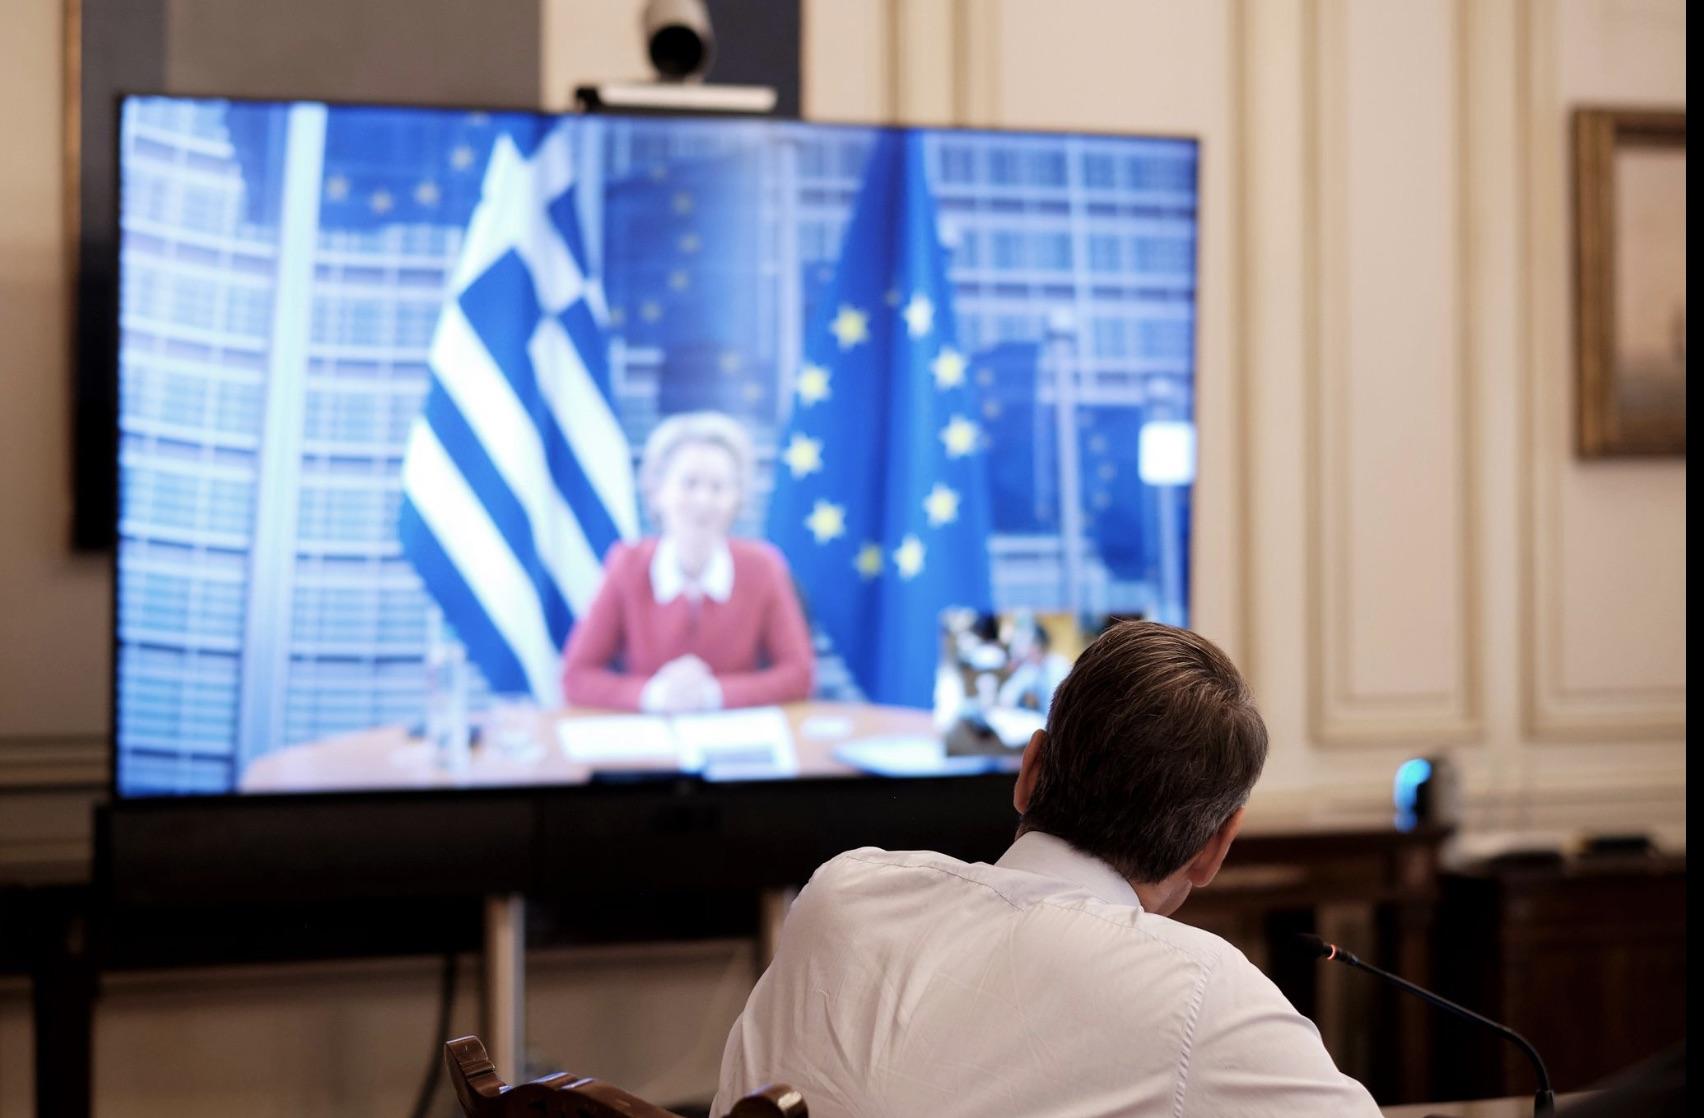 Ελλάδα: Τηλεδιάσκεψη Μητσοτάκη- der Leyen για προσφυγικό/μεταναστευτικό, Ταμείο Ανάκαμψης και Τουρκία